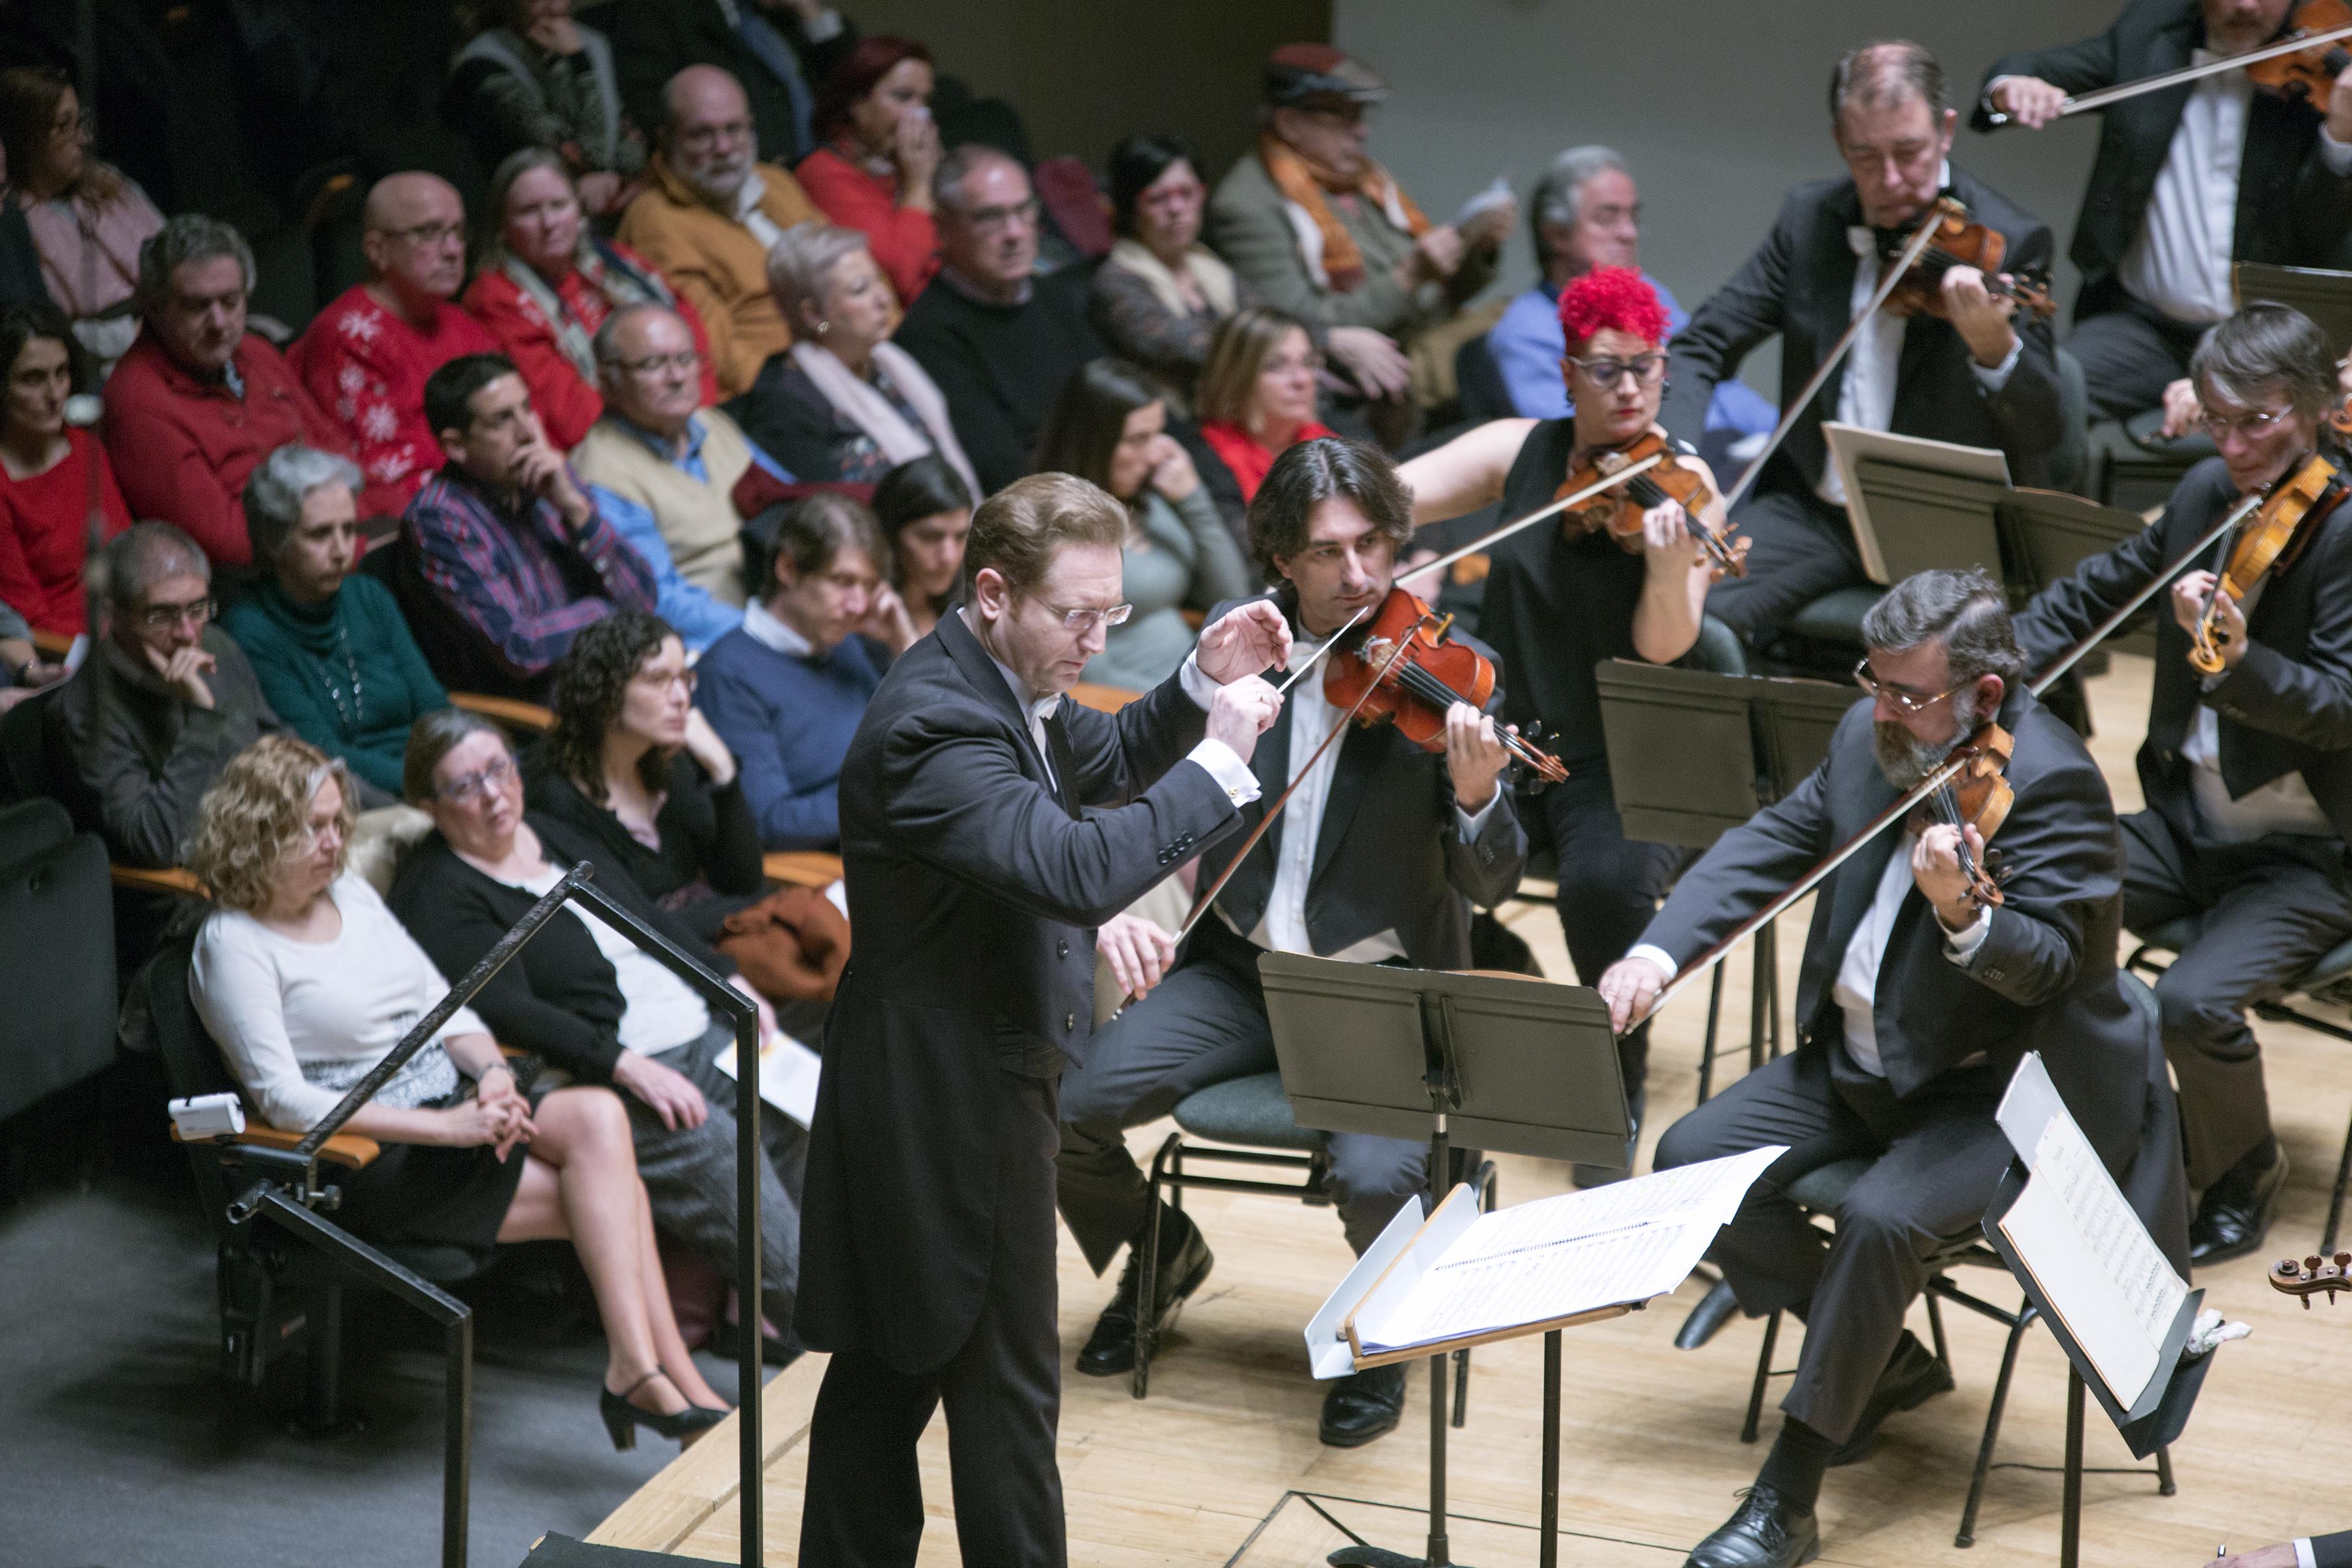 Sinfonismo operístico en el concierto de estío del Palau Valenciano